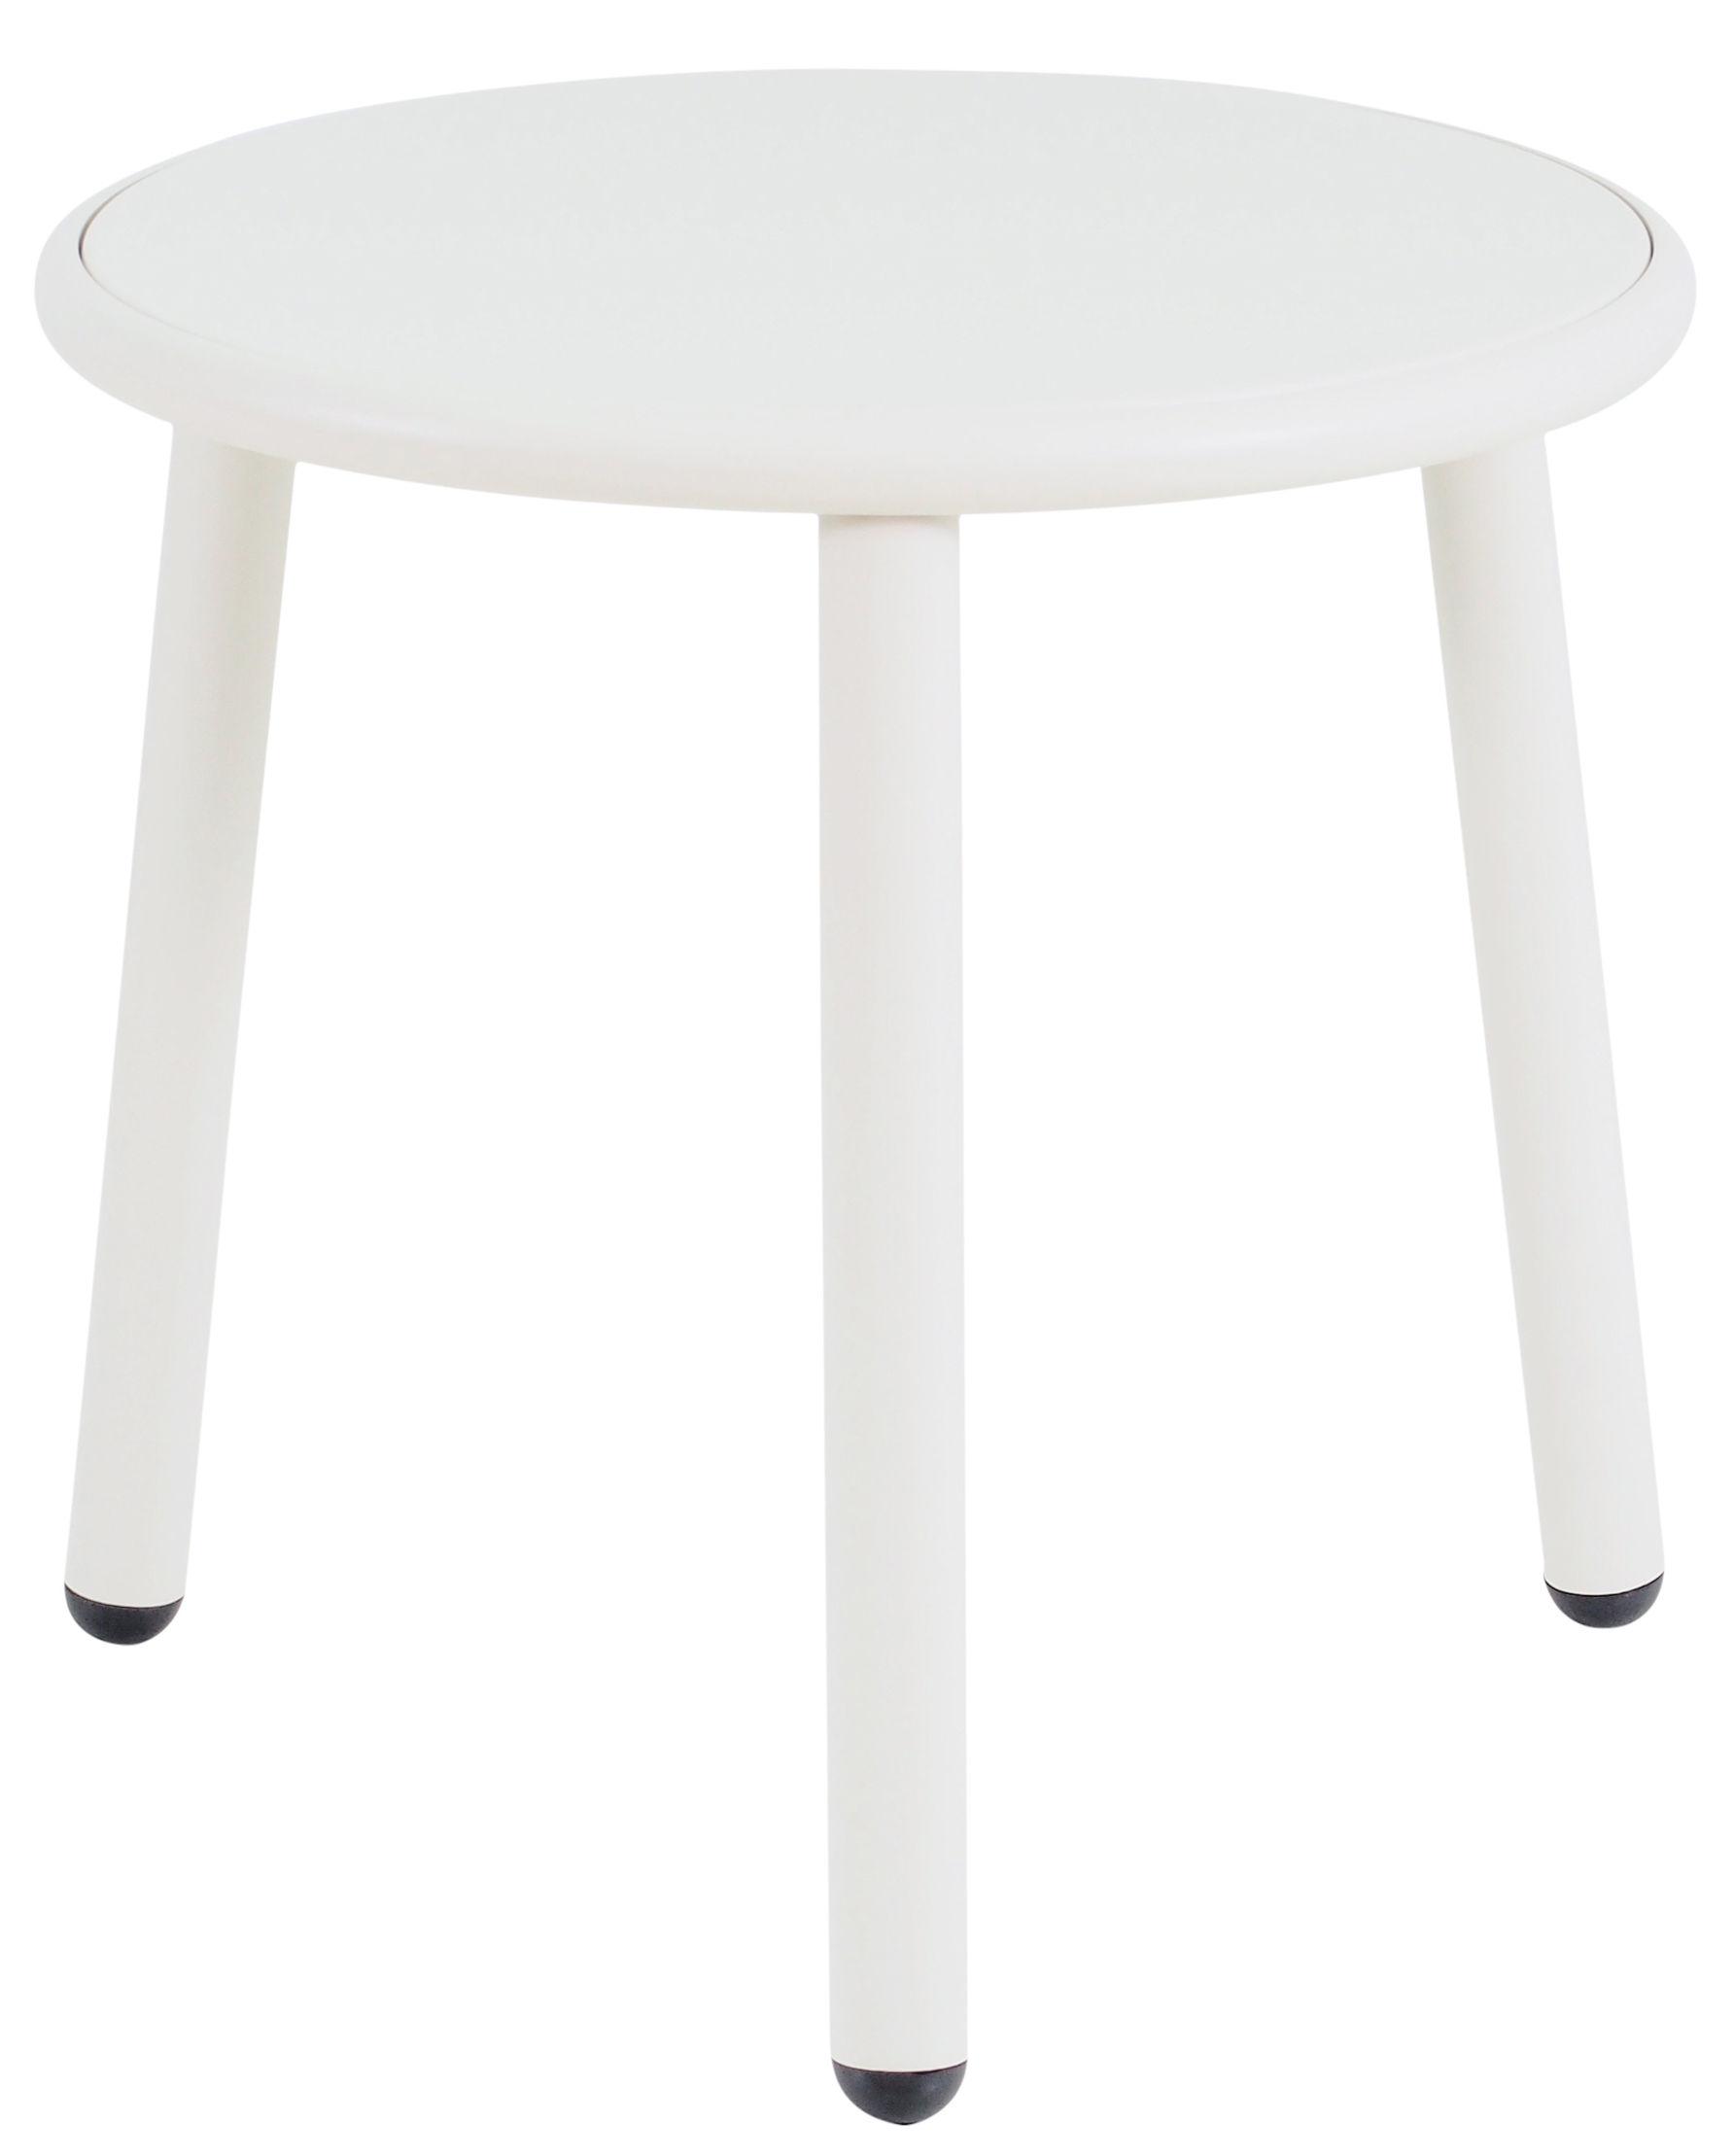 Möbel - Couchtische - Yard Couchtisch / Ø 50 cm - Emu - Weiß / Tischplatte weiß - klarlackbeschichtetes Aluminium